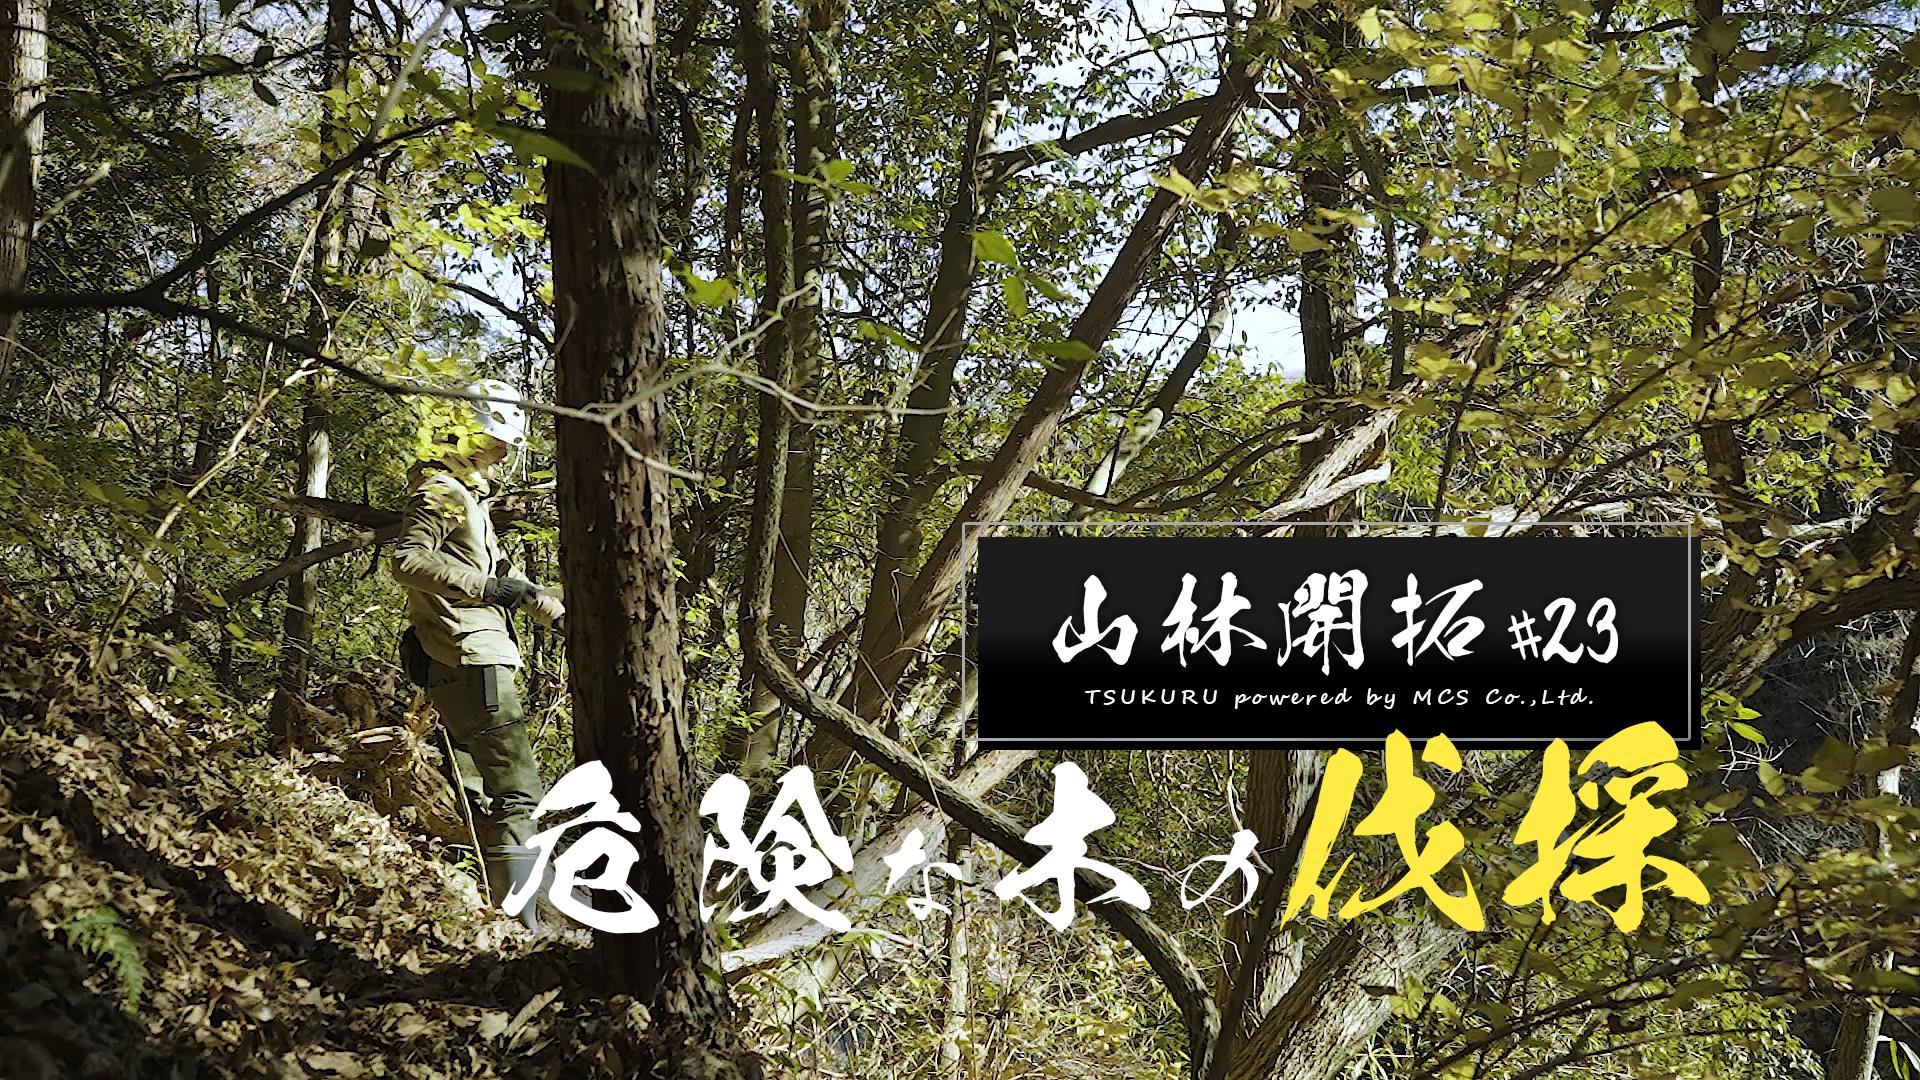 危険な木の伐採